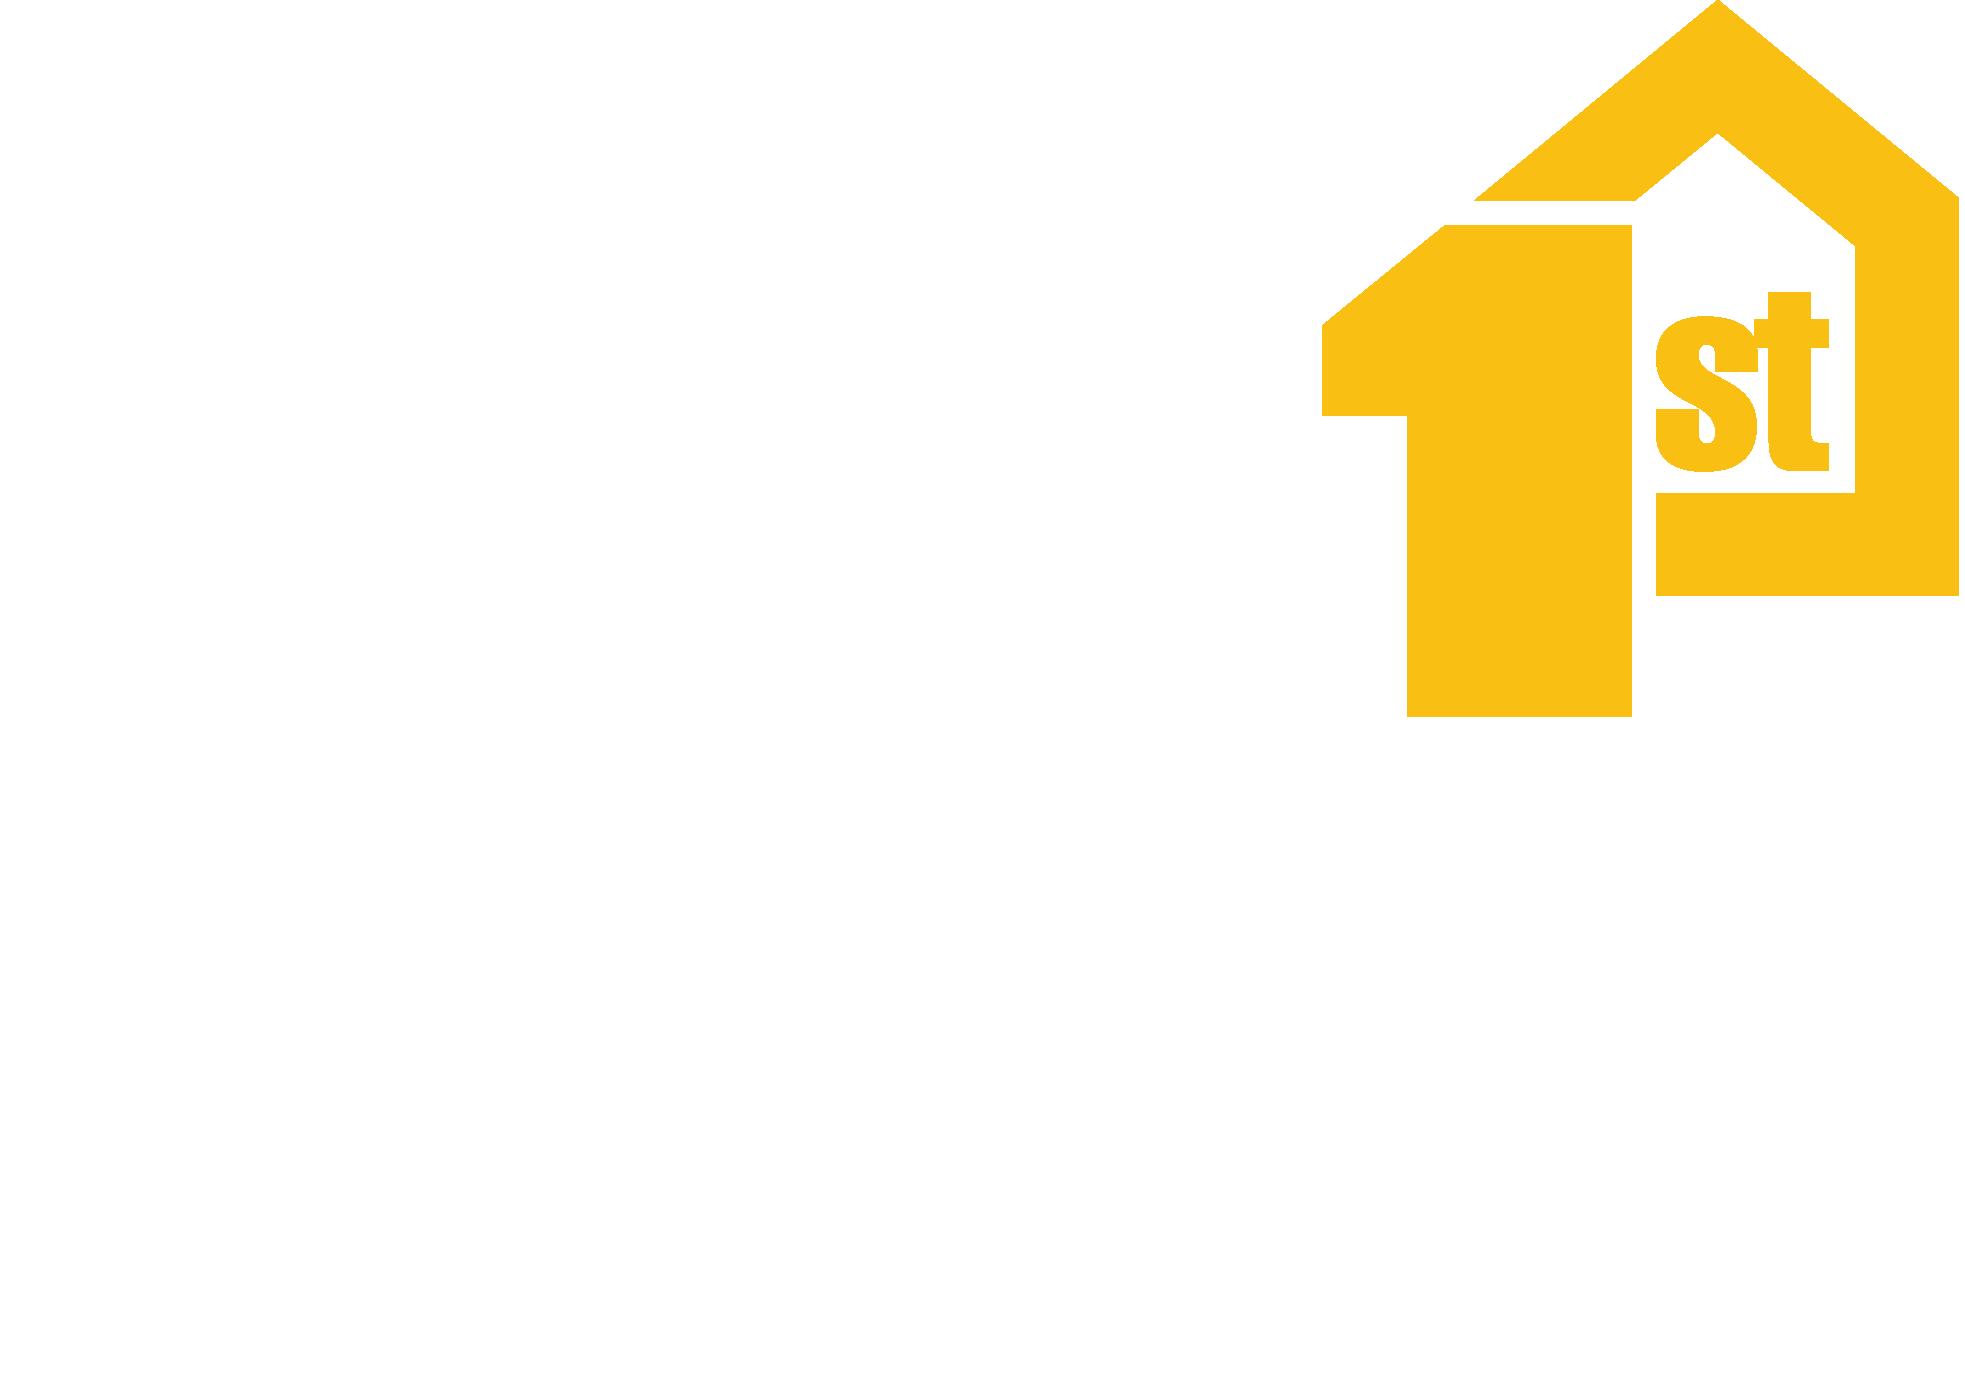 Home1st Lending